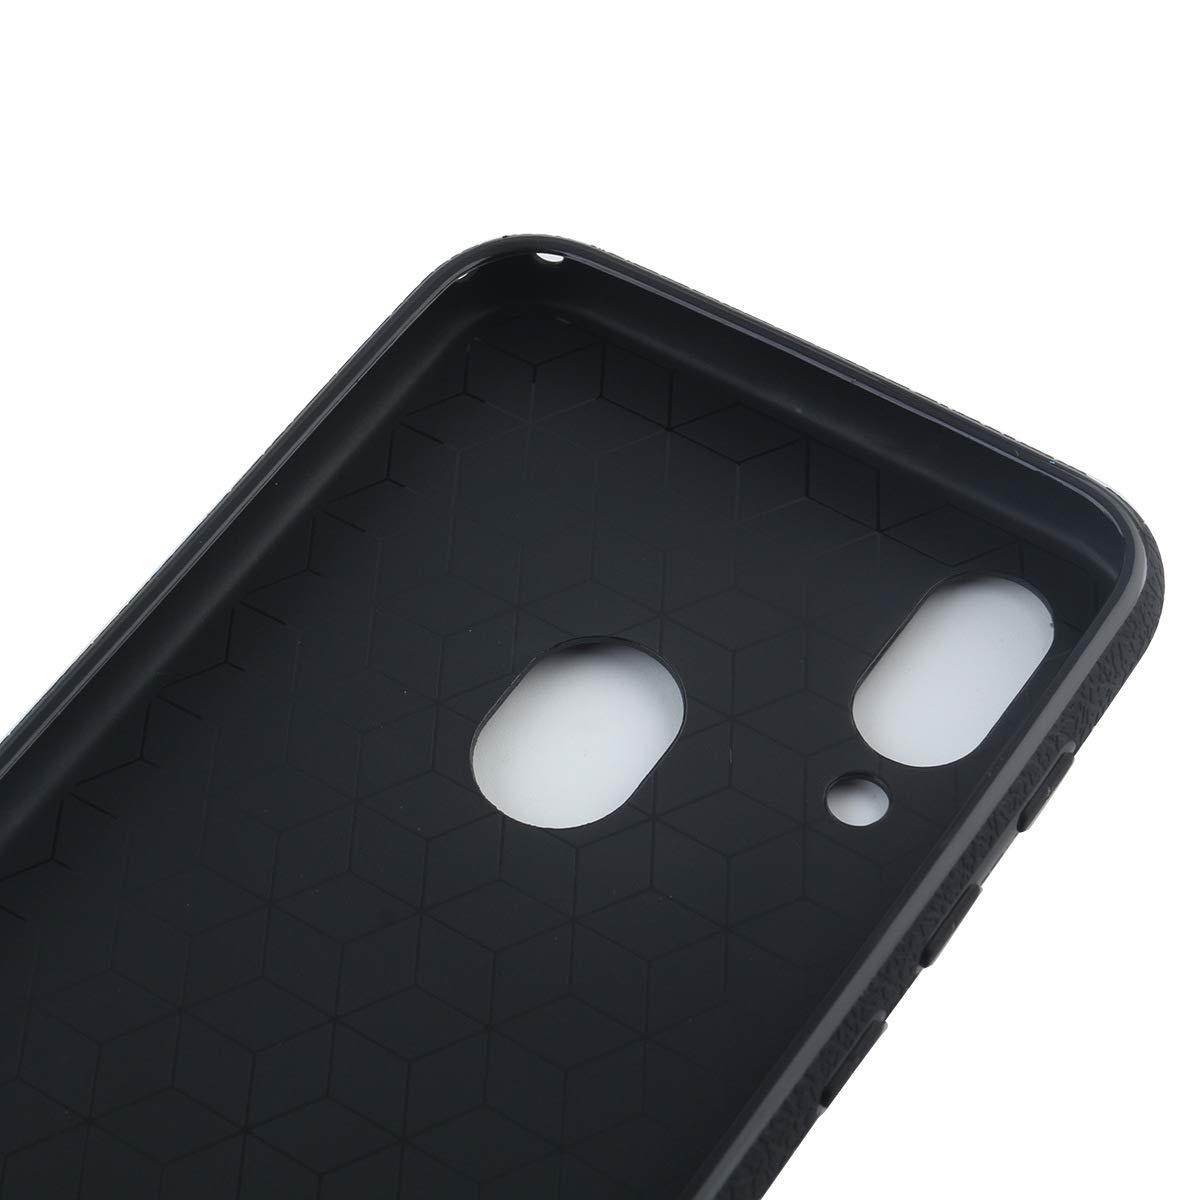 UMIDIGI A3 Pro Funda, Protictive TPU Silicona Case Cover ...